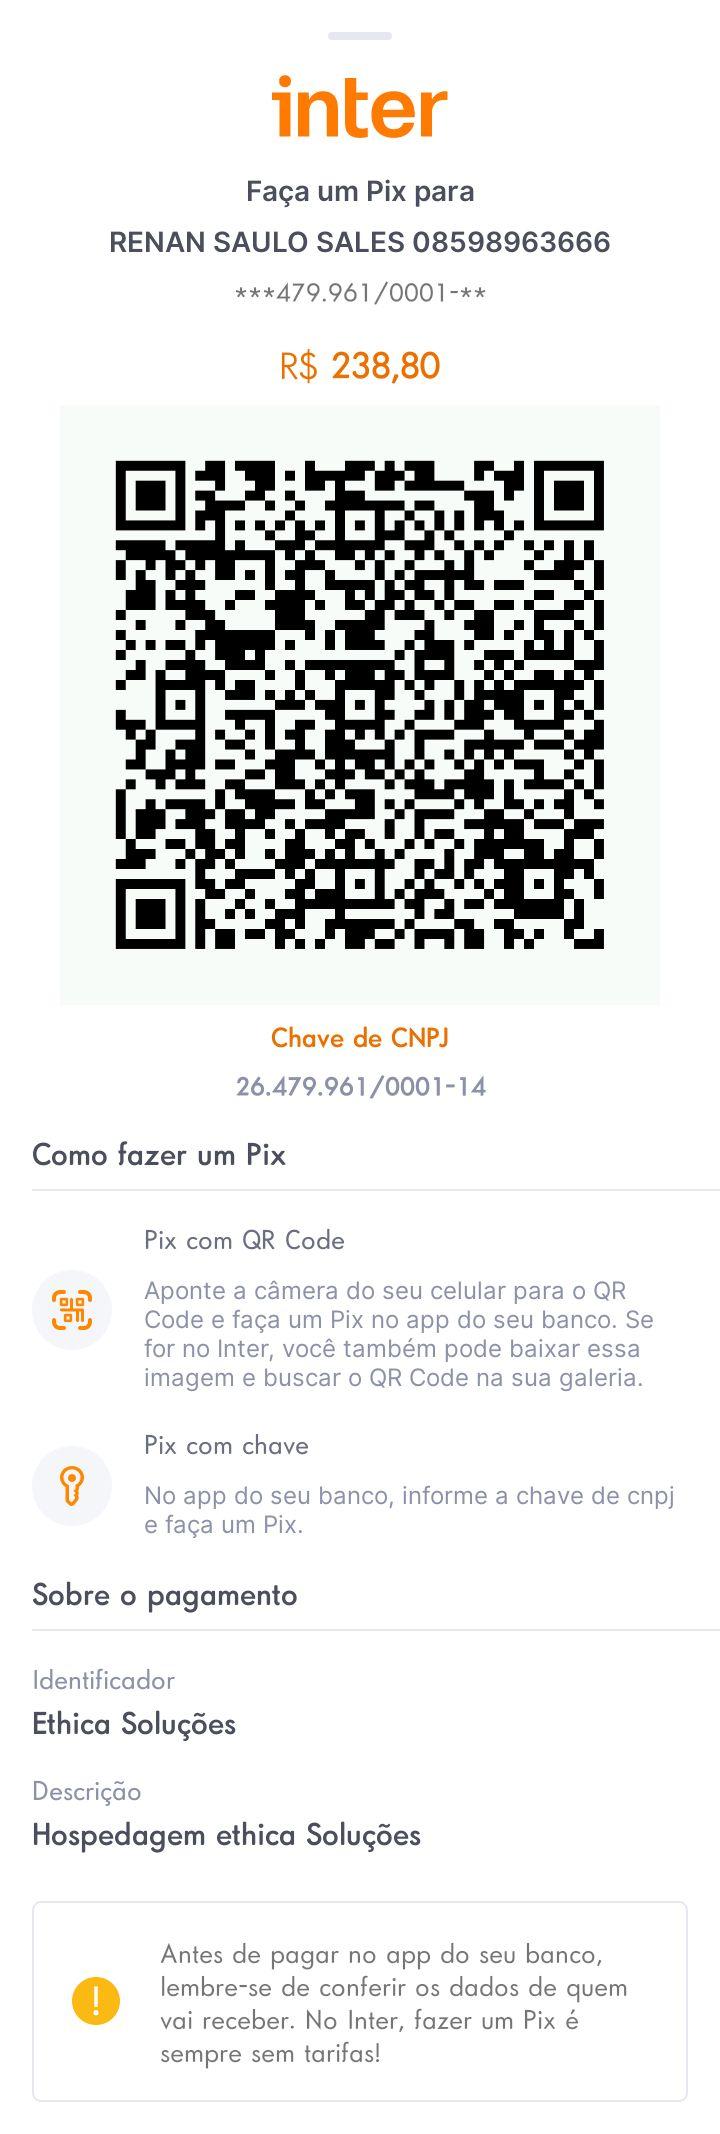 WhatsApp Image 2021-08-23 at 09.17.46